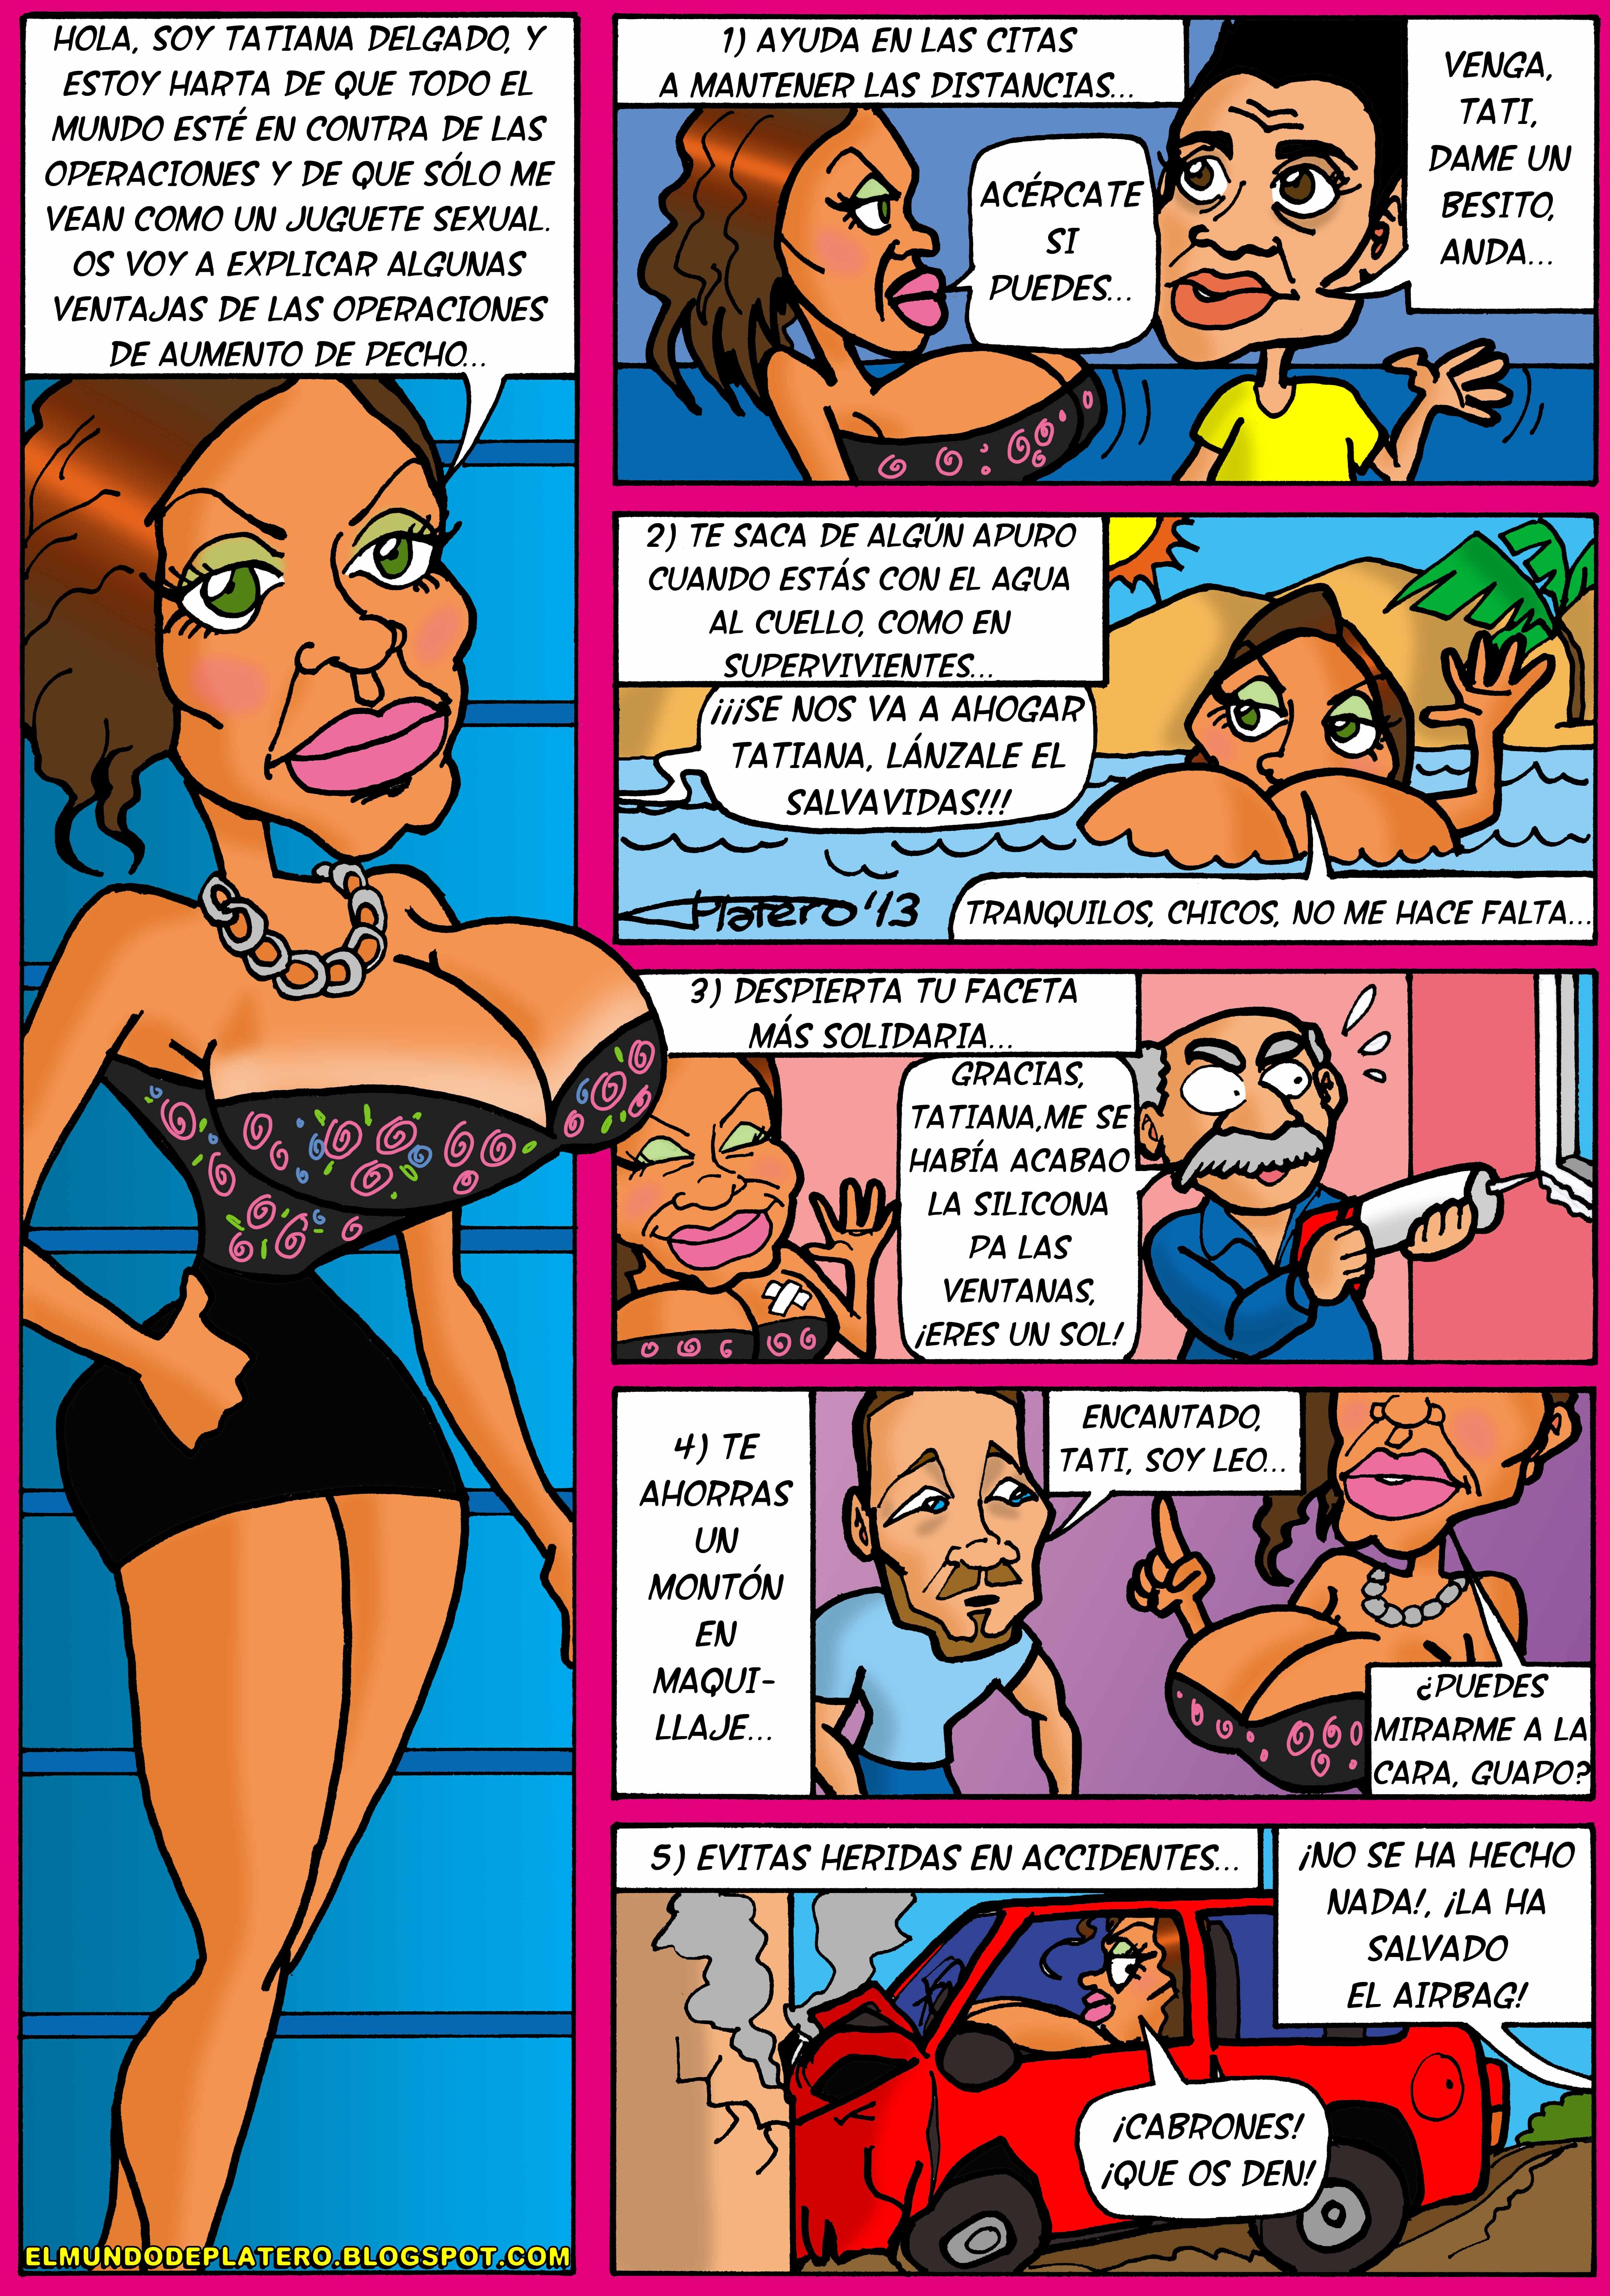 14_cómic Tatiana Delgado_mujeres y hombres y viceversa_elmundodeplatero_josé luis platero